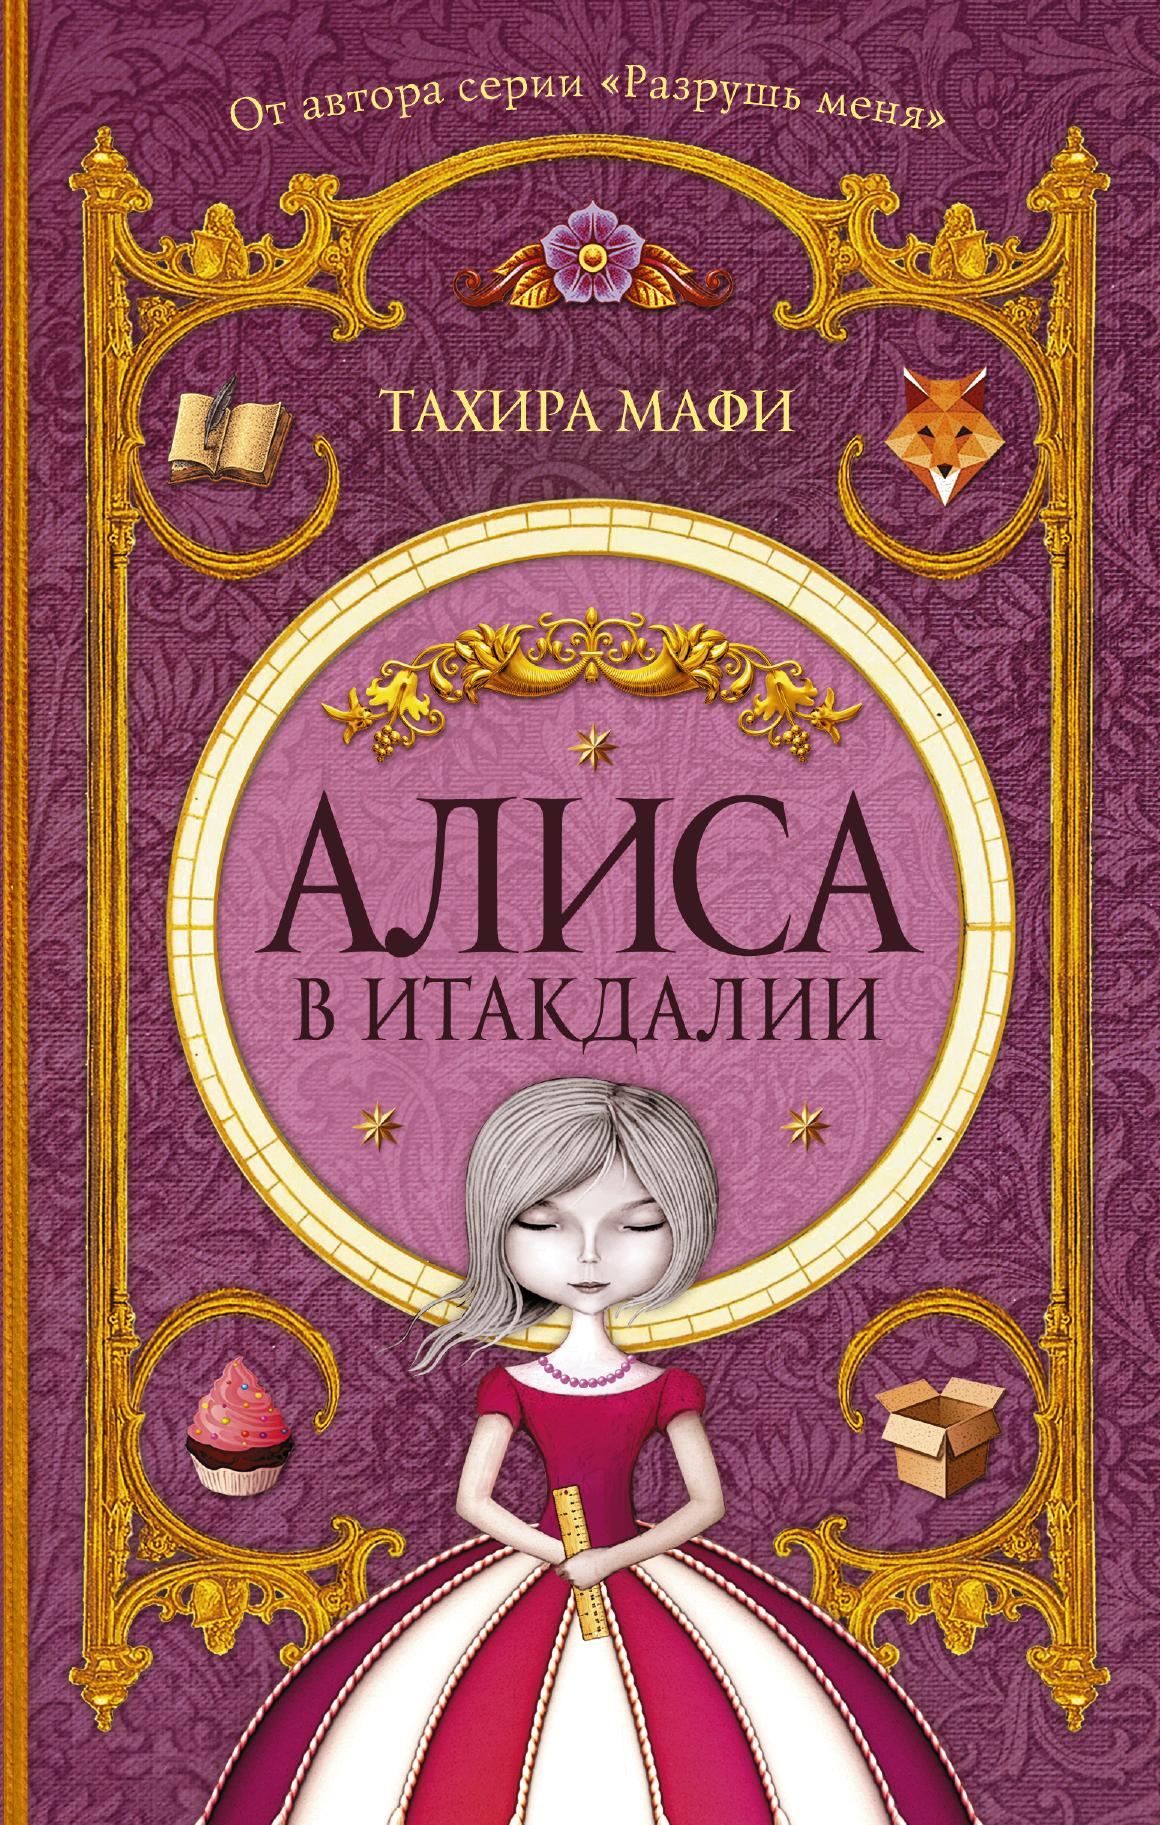 Тахира Мафи Алиса в Итакдалии